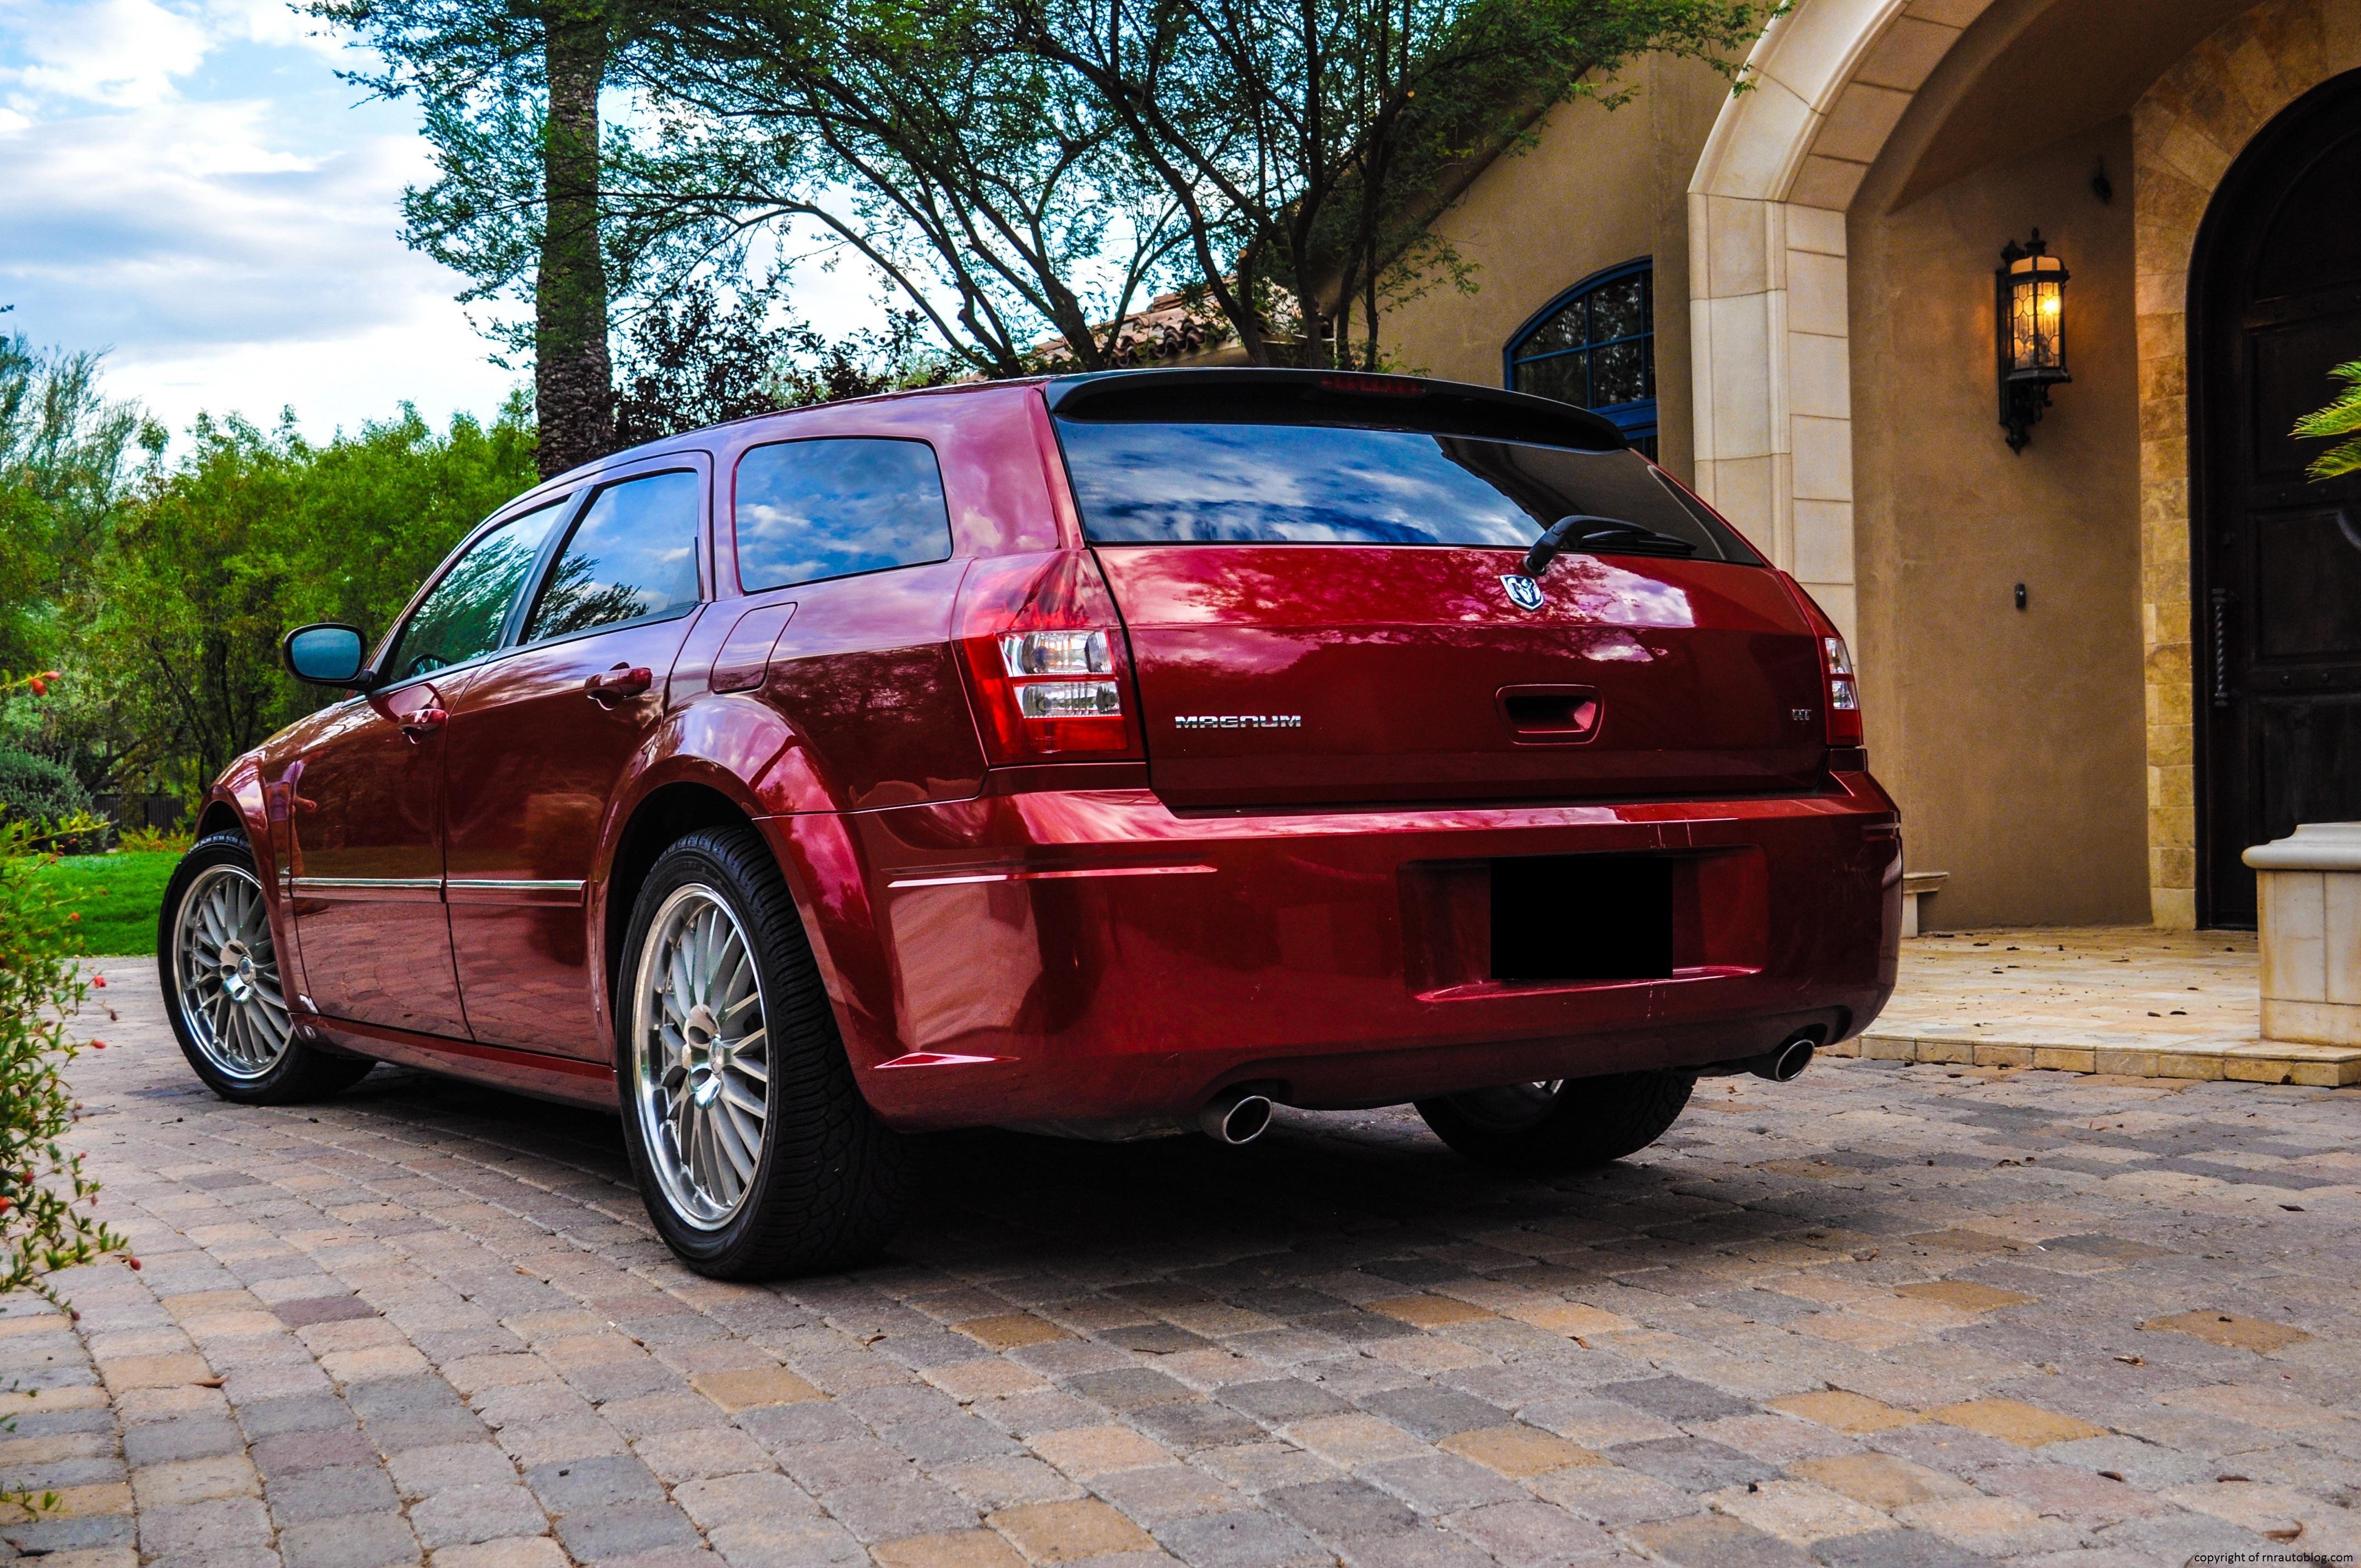 2005 Dodge Magnum SXT 3.5L V6 For Sale in Cape Coral (Fort ... |2014 Dodge Magnum Concept